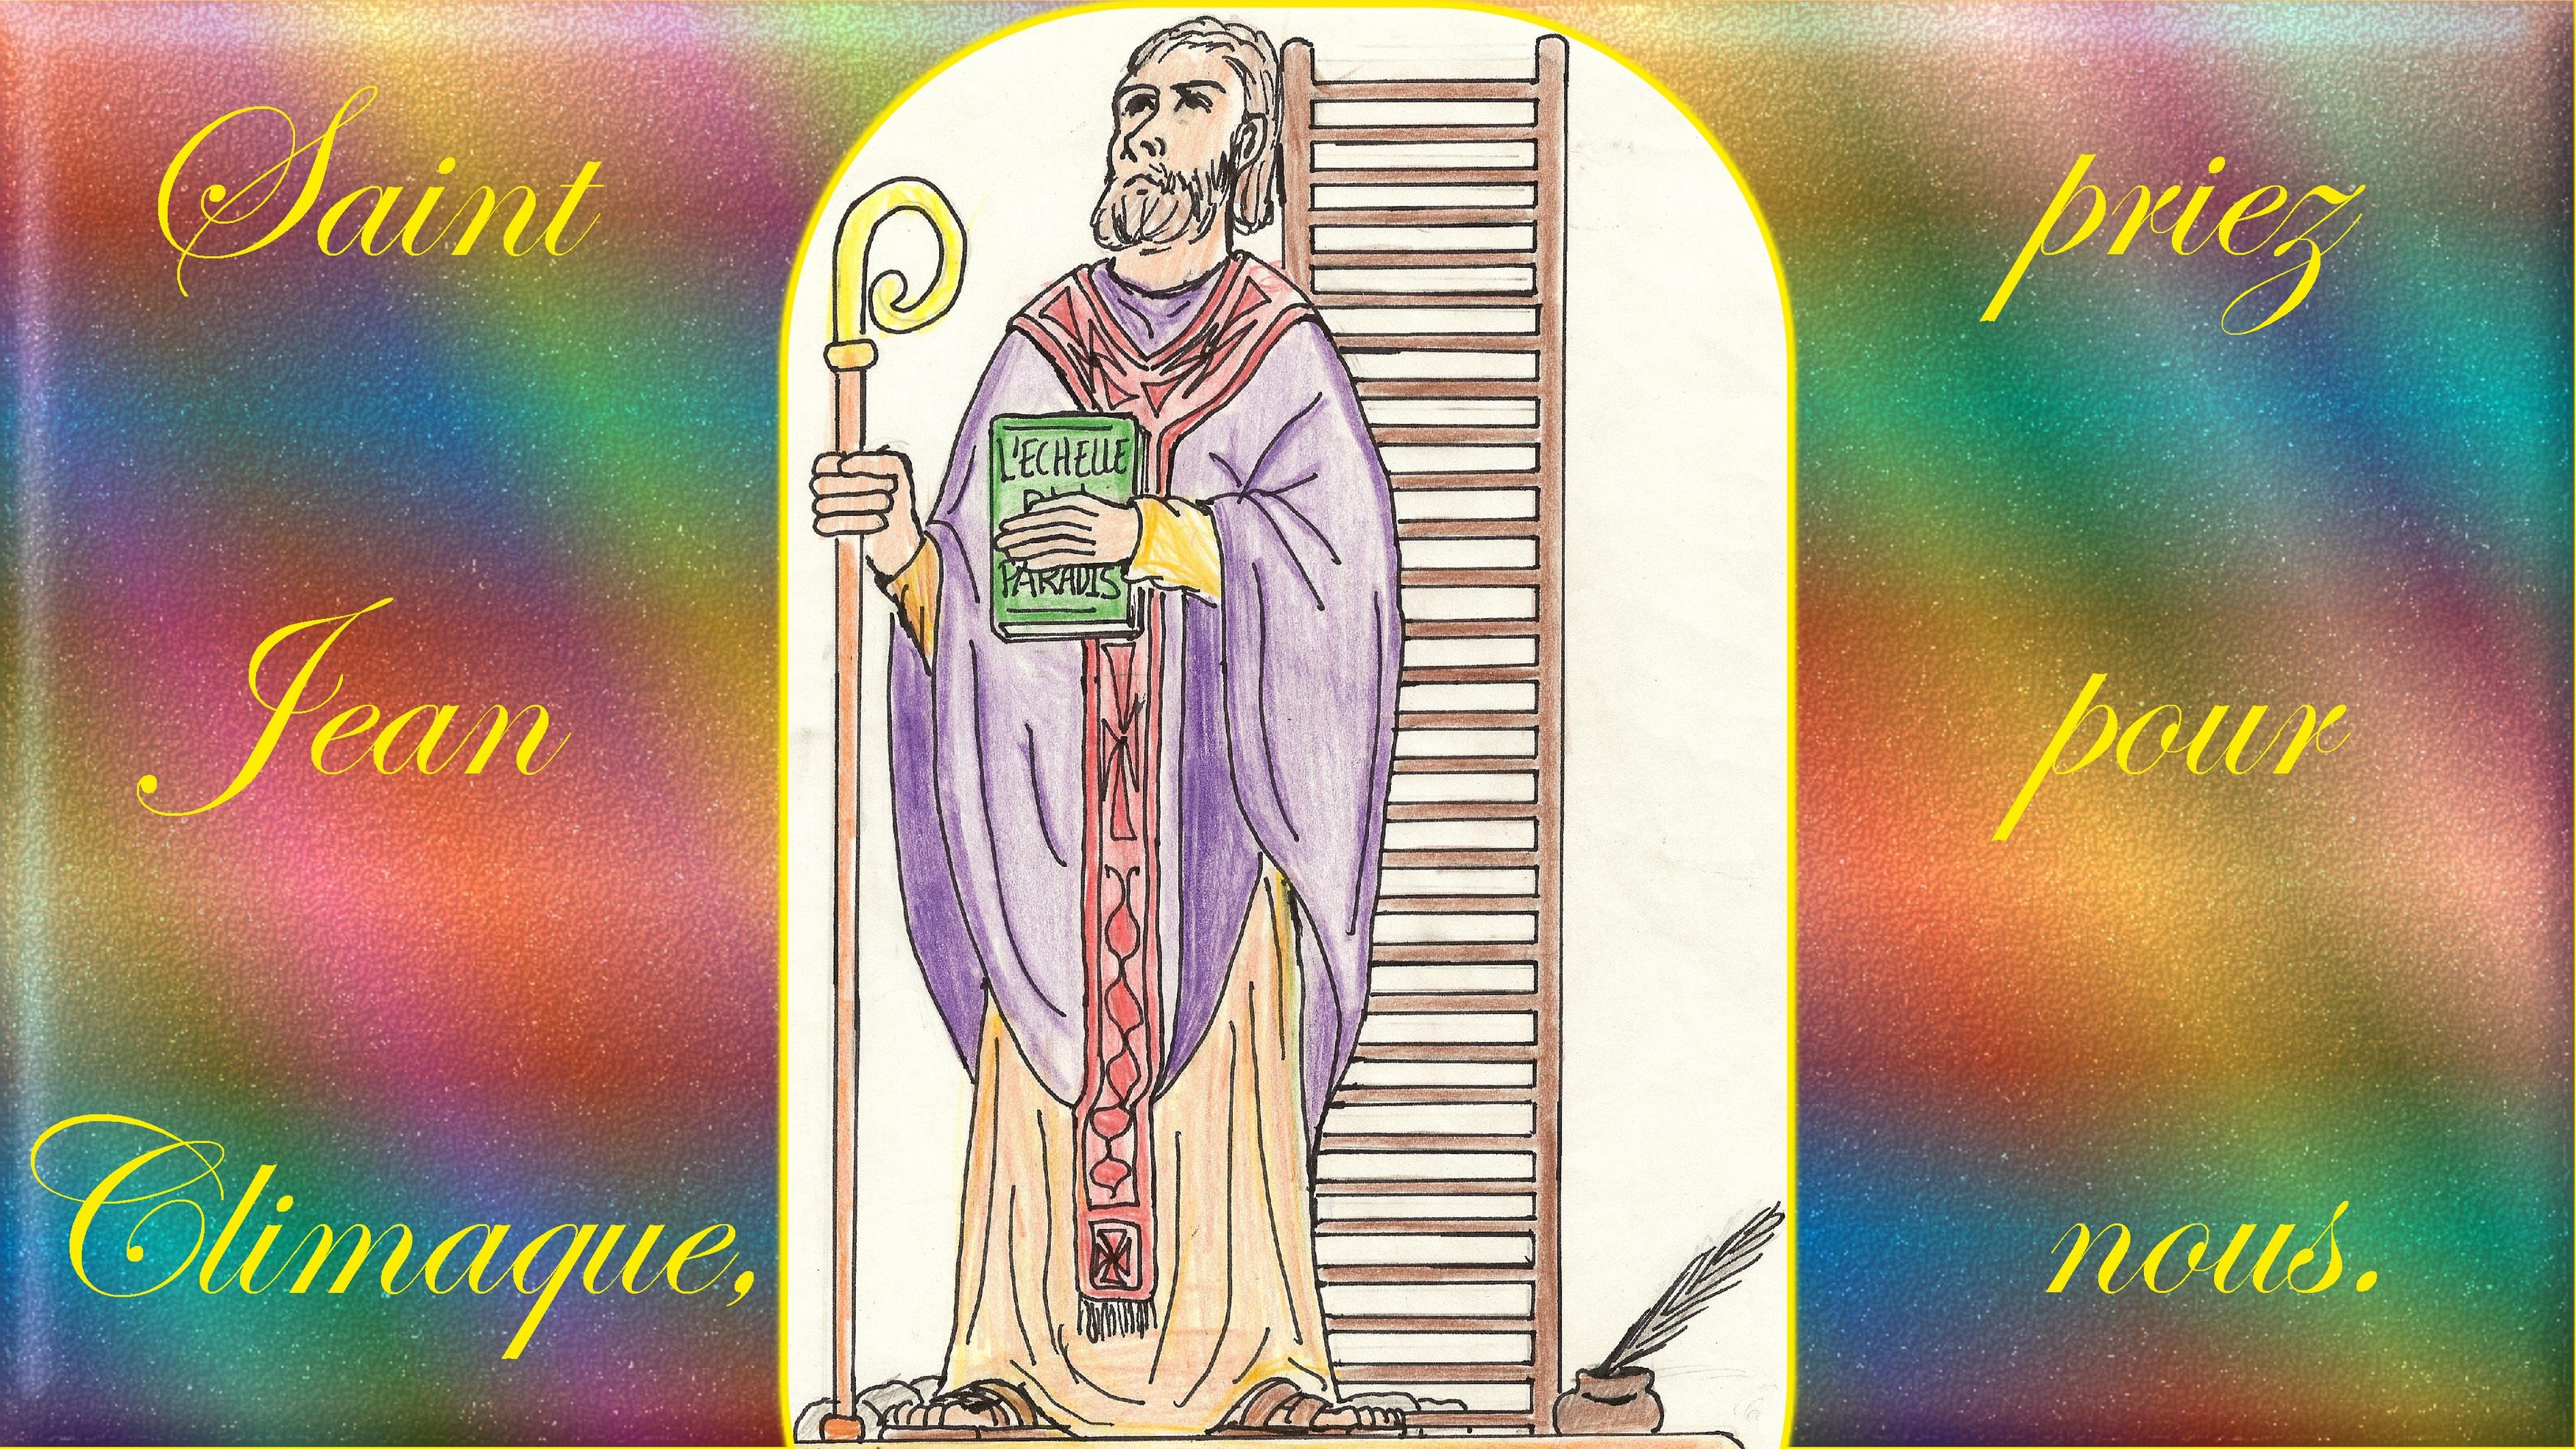 CALENDRIER CATHOLIQUE 2020 (Cantiques, Prières & Images) - Page 9 St-jean-climaque-57311b4